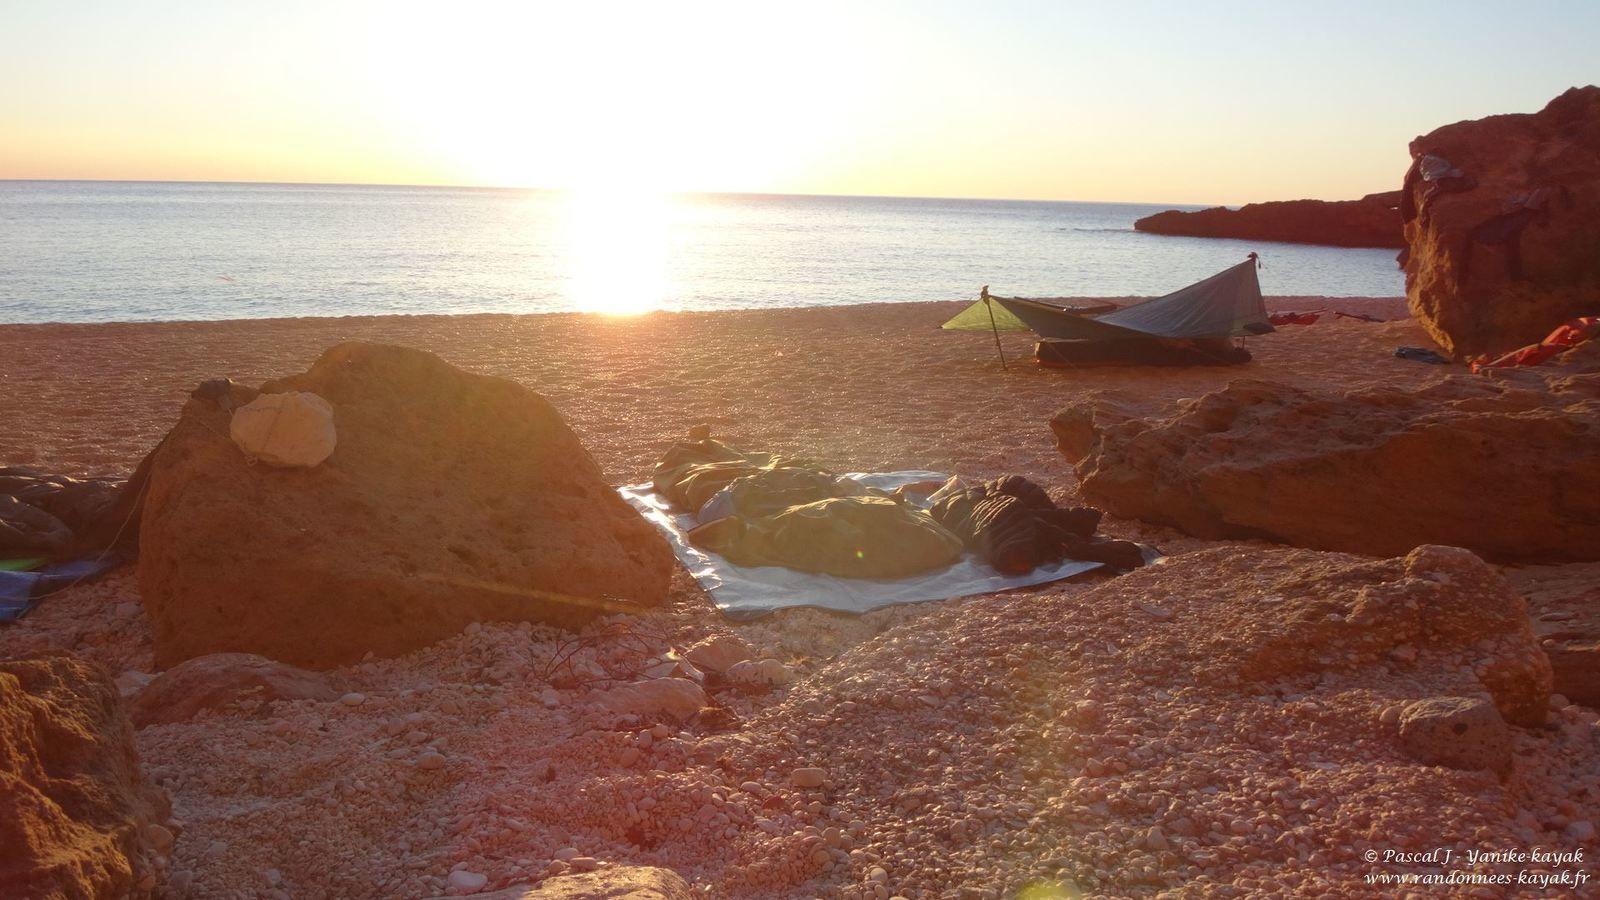 Sardegna 2019, una nuova avventura - Chapitre 2 : à la découverte des merveilles du Golfe d'Orosei (2)